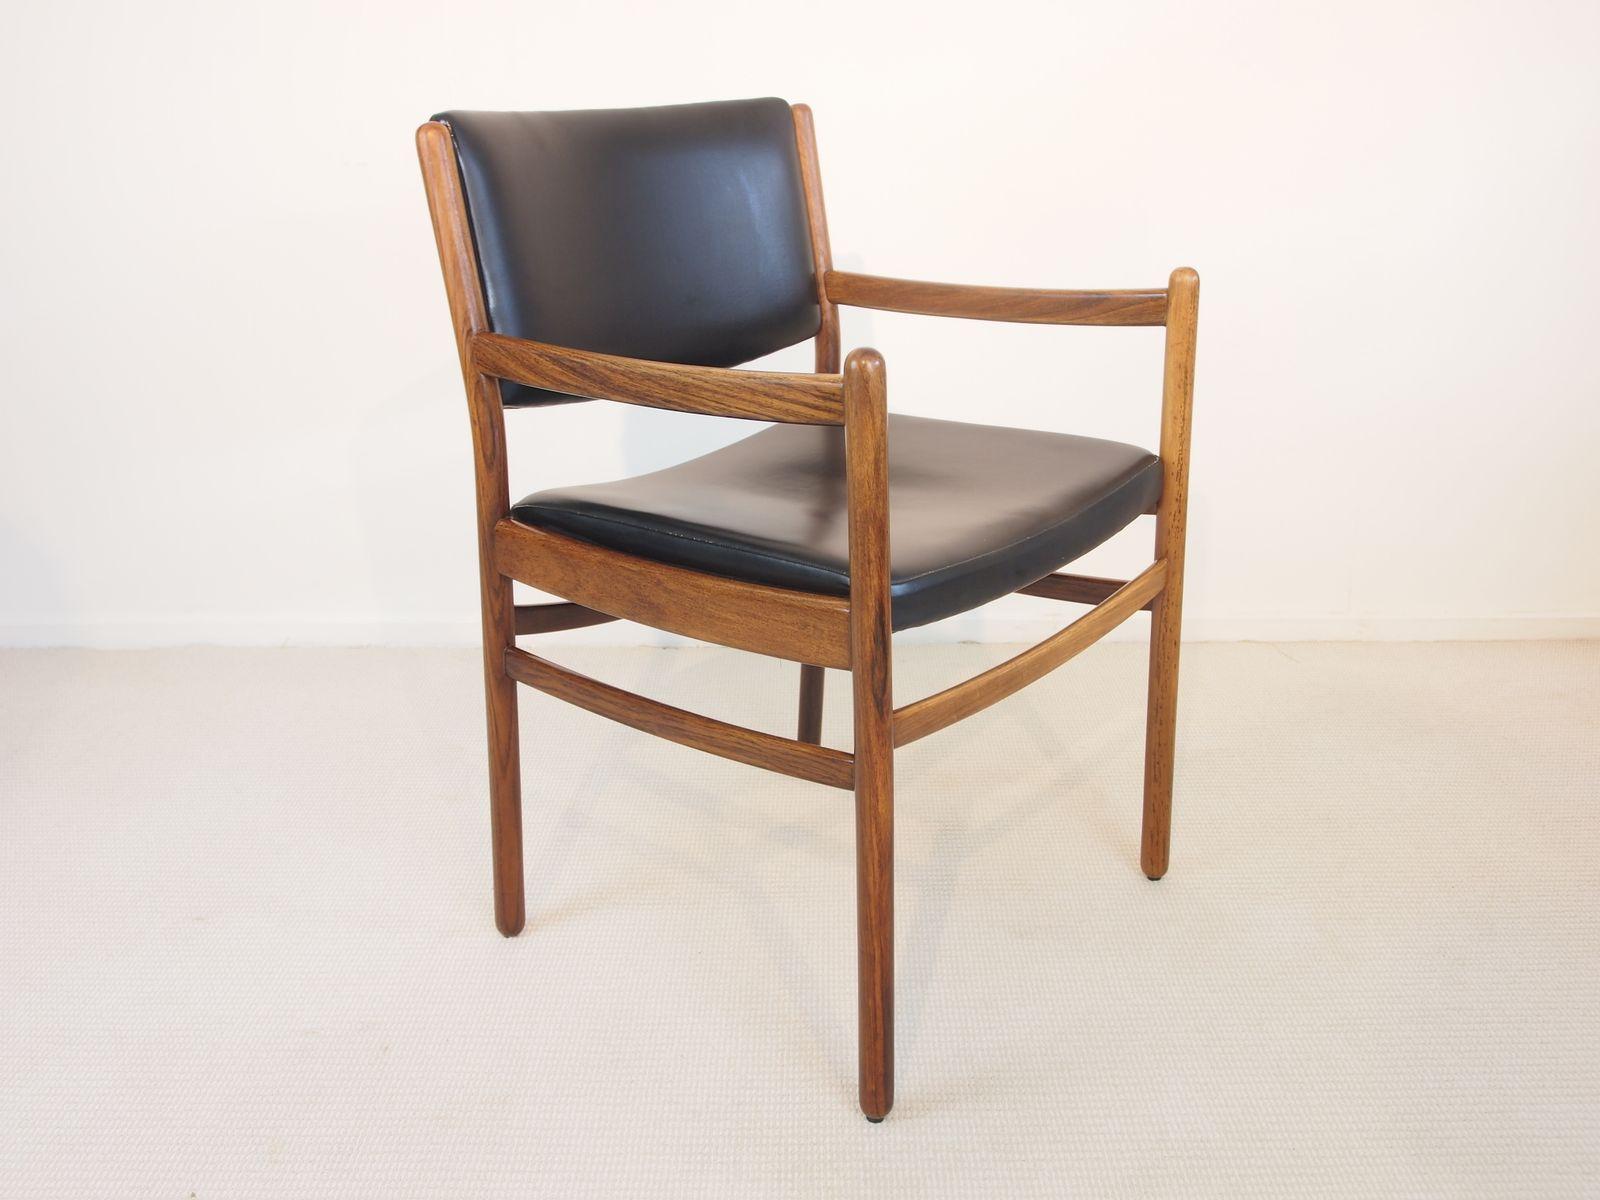 Mid century stuhl aus palisander und schwarzem kunstleder bei pamono kaufen - Mid century stuhl ...